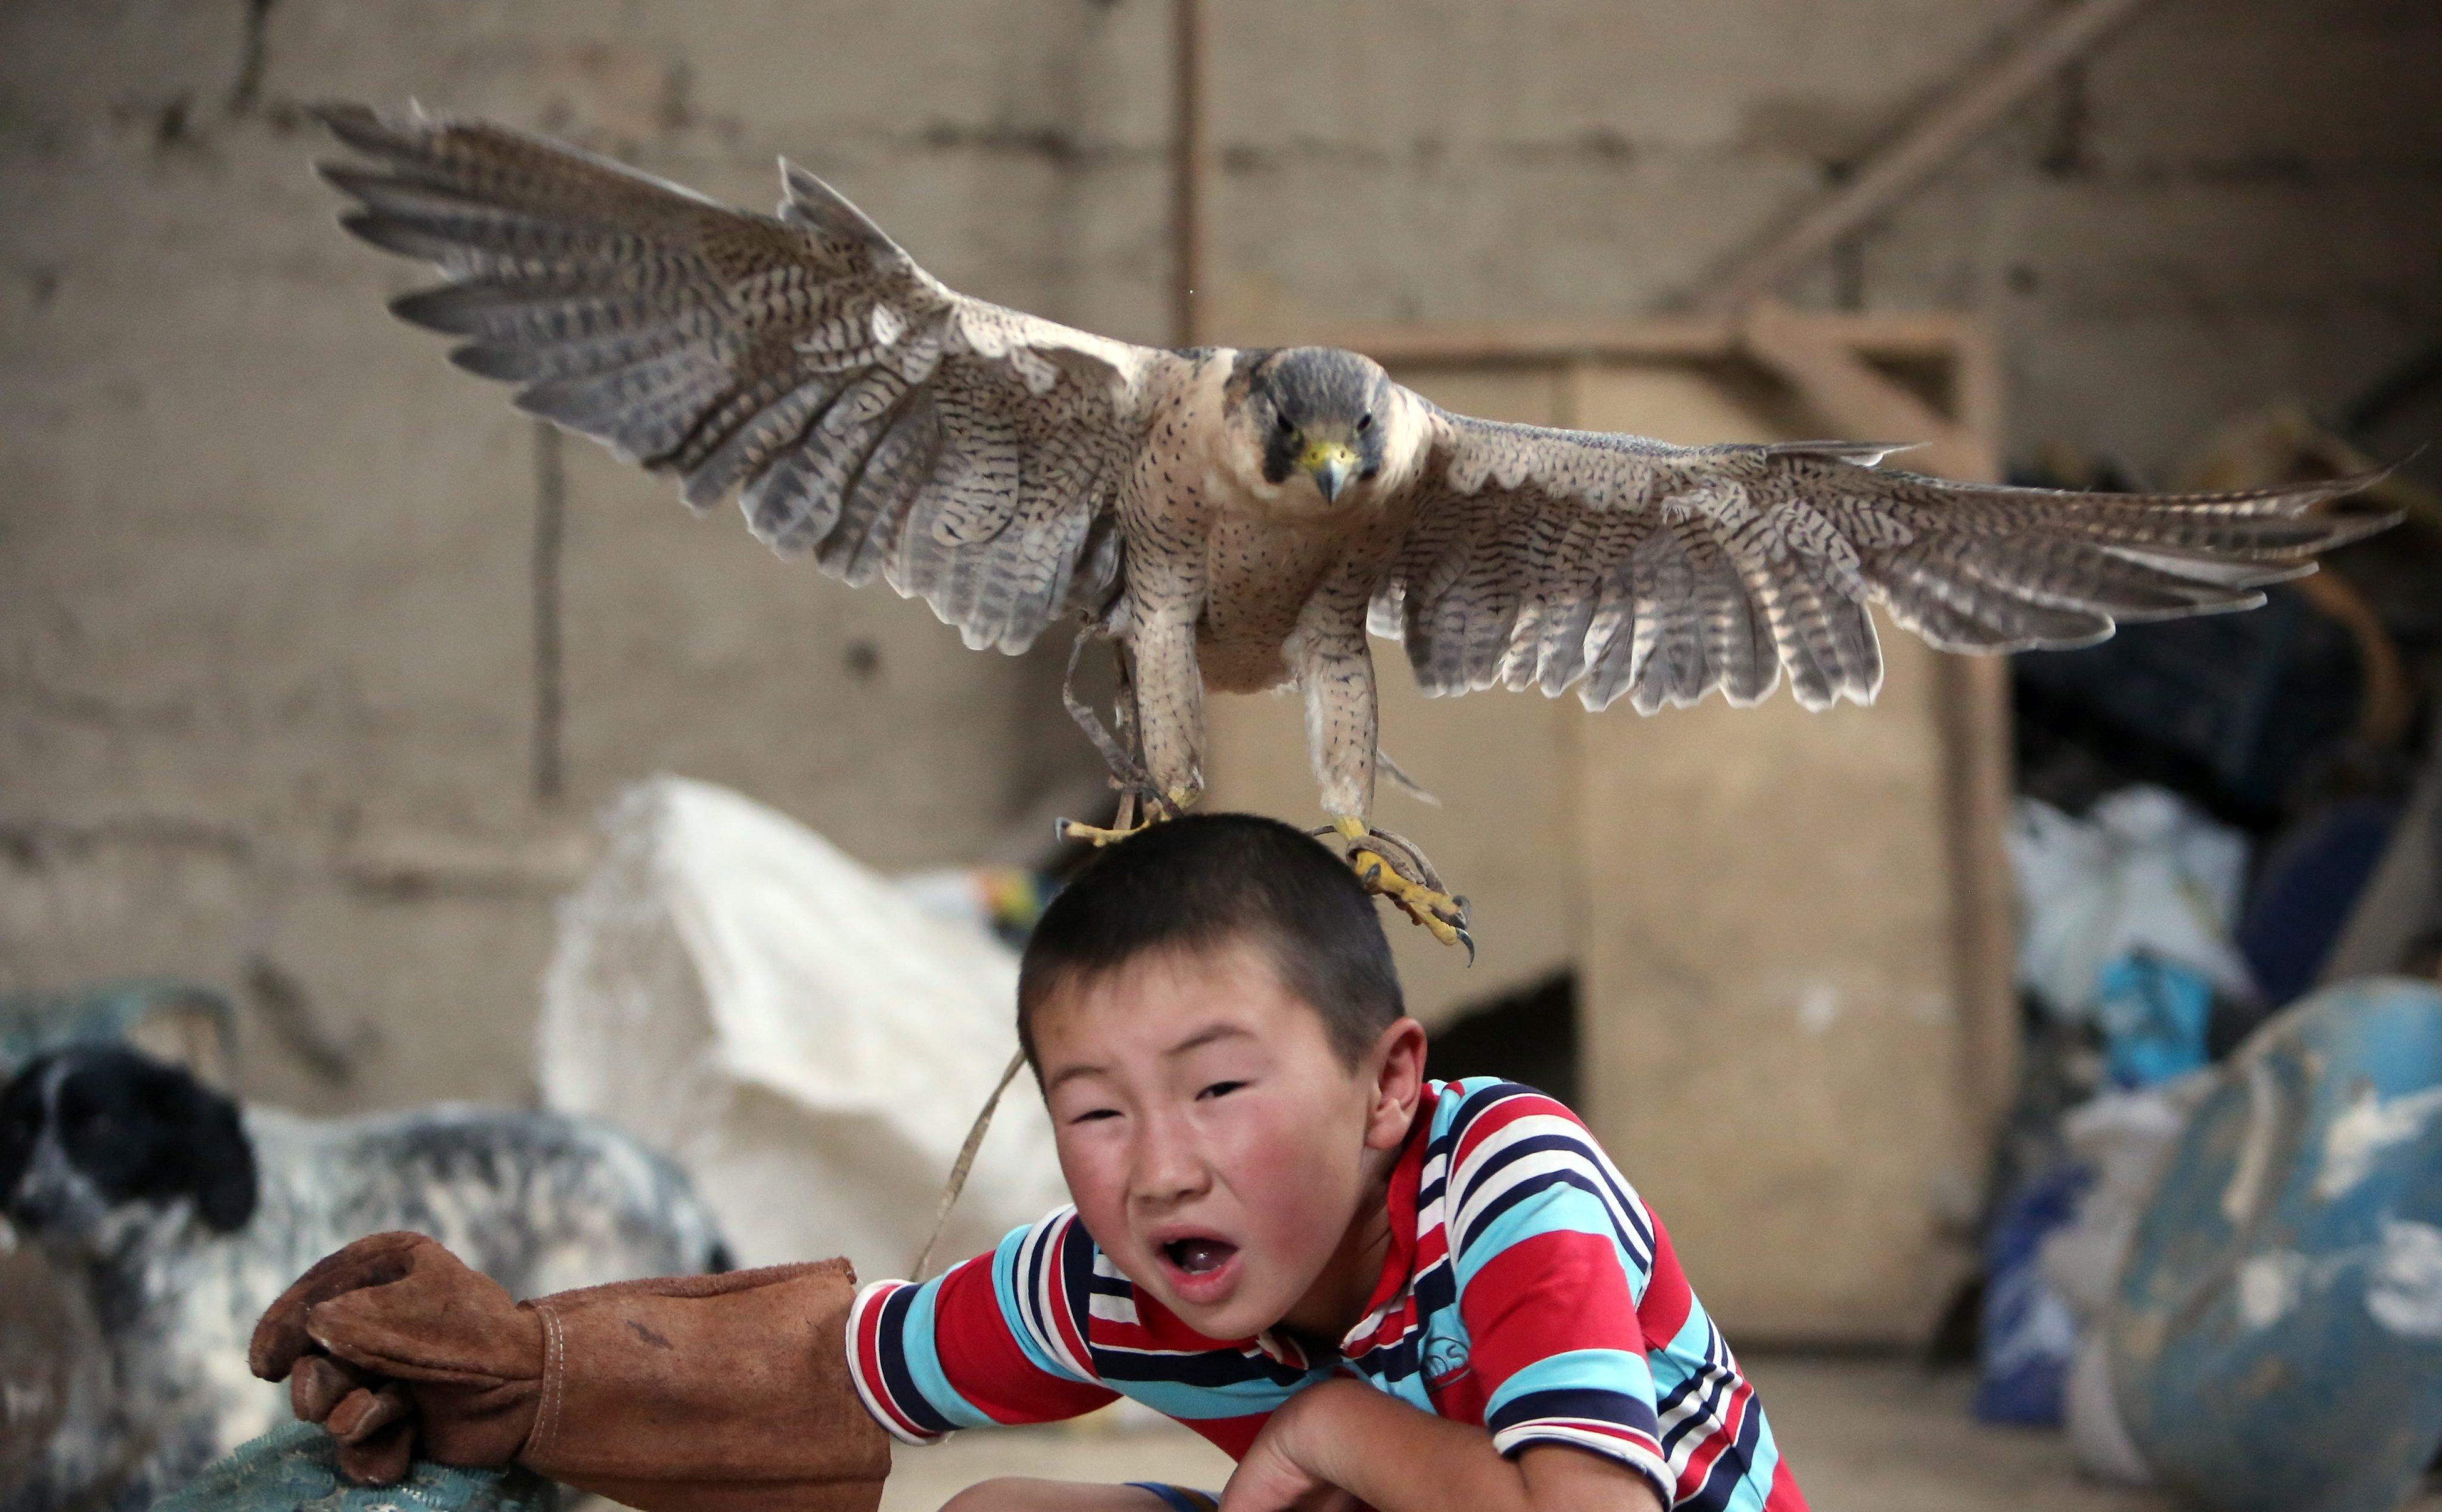 Azat Shajbyrov reacts to a baby falcon in the village of Bokonbaevo, Issyk-Kul area, Kyrgyzstan, on June 22, 2016.